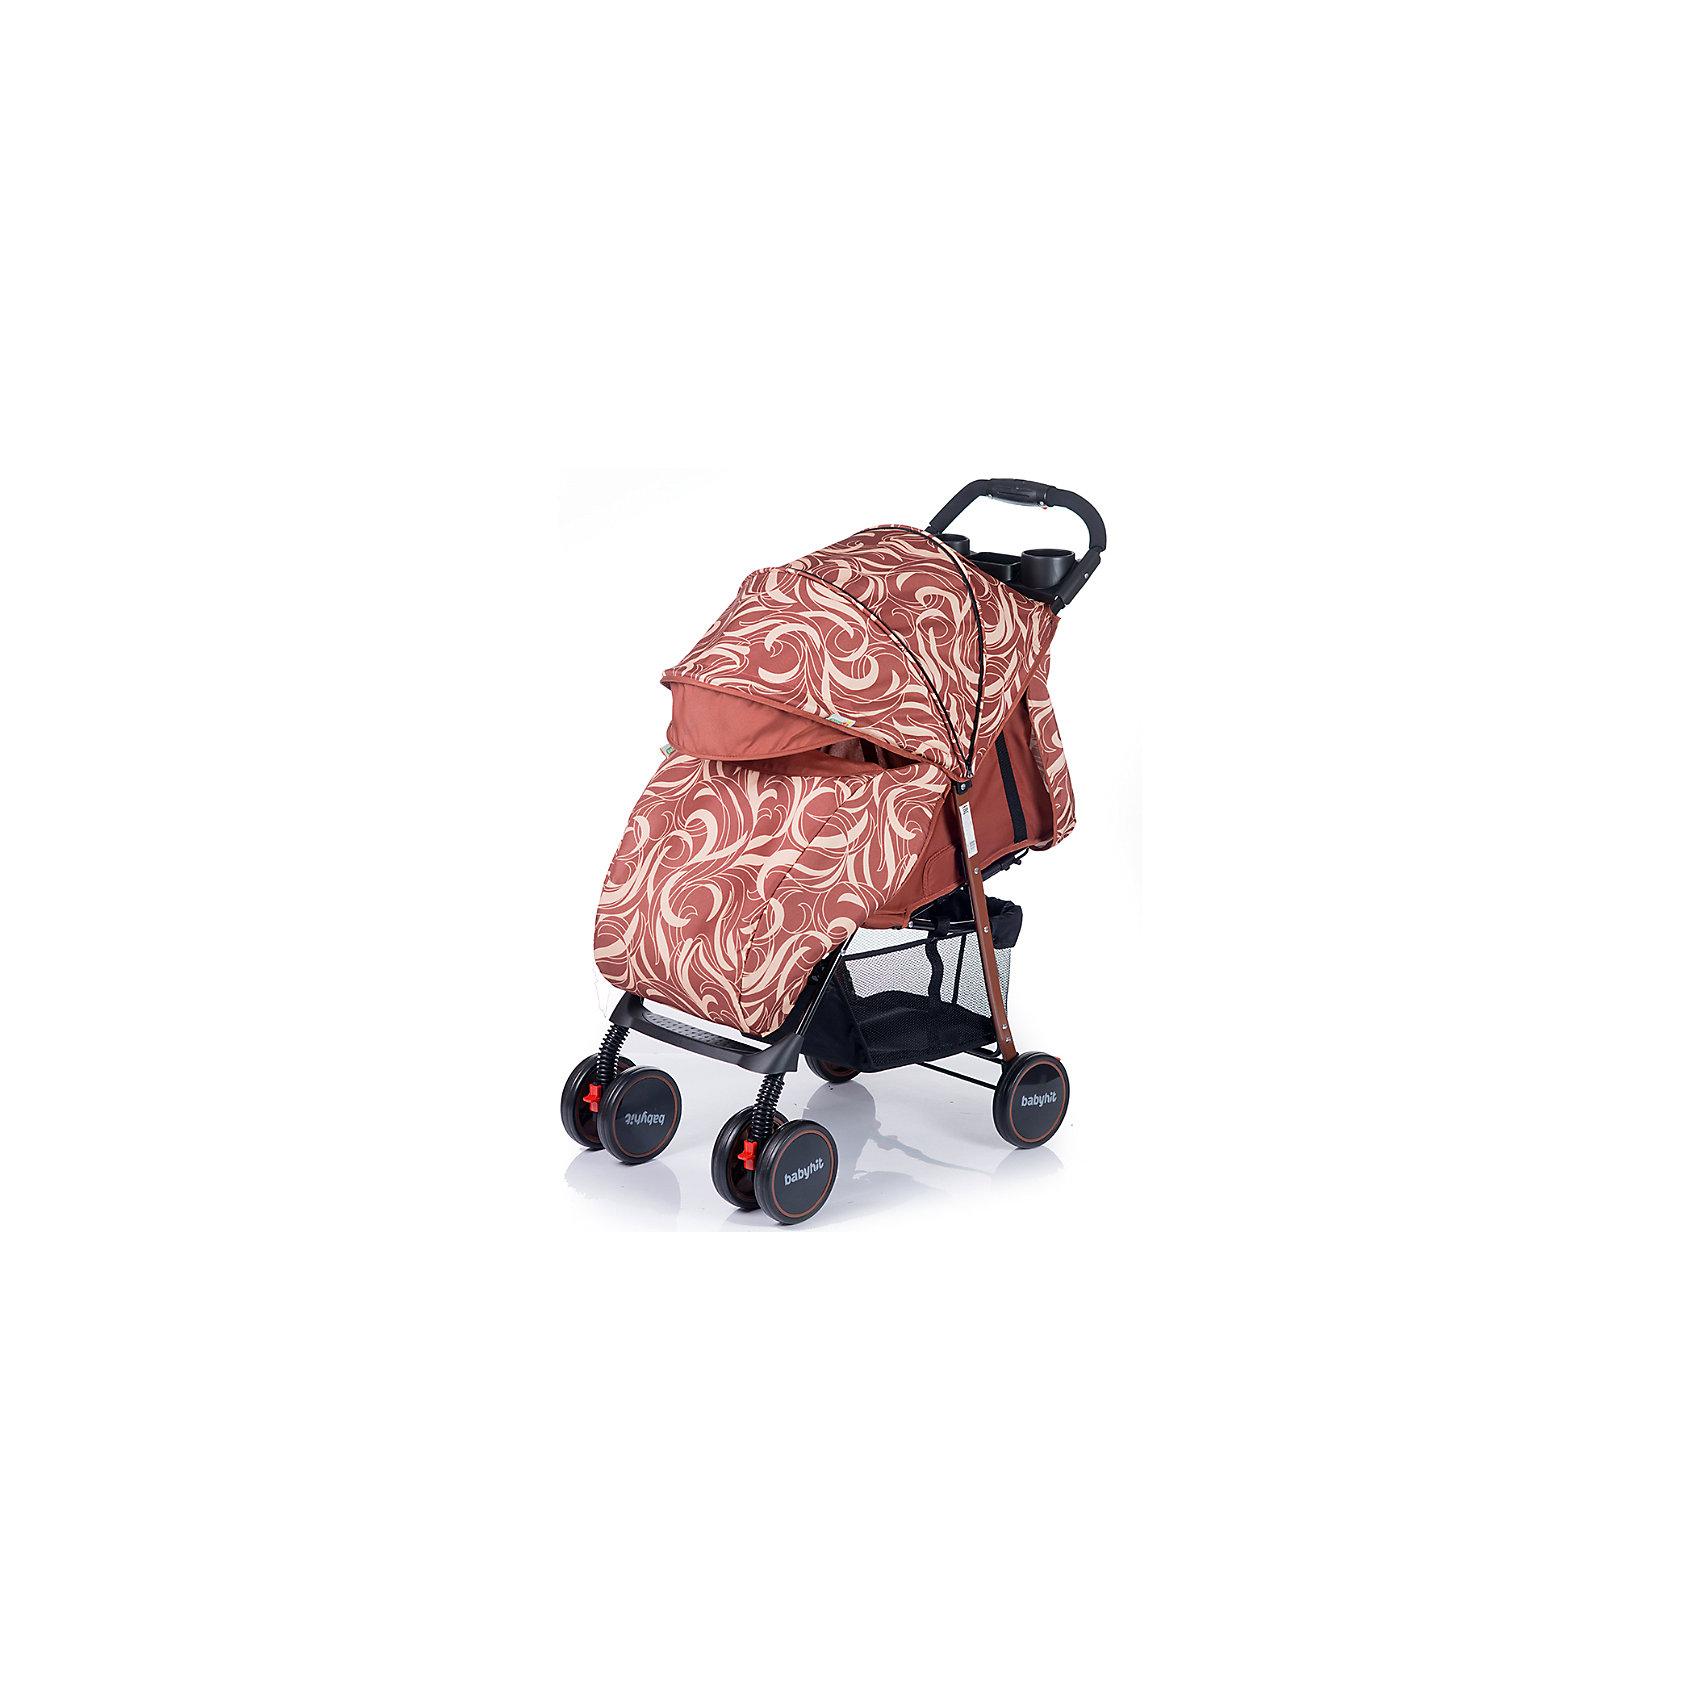 Прогулочная коляска BabyHit Simpy, коричневыйНедорогие коляски<br>Новинка 2017 года!<br>Легкая прогулочная коляска.<br>Сдвоенные передние колеса с функцией фиксации в положении «прямо»<br>Складывание одной рукой<br>Капюшон «батискаф»<br>3 положения наклона спинки (сидя, полулежа, лежа)<br>Регулируемая подножка<br>Съемный поручень с паховым ремнем<br>3-х точечная система ремней безопасности<br>Столик с подстаканниками и бардачком на ручке<br>Вместительная багажная корзина<br>Амортизация на всех колесах<br>В комплекте: полог, москитная сетка<br><br>Характеристика:<br>Размеры в разложенном виде: 76 х 46 х 101 см (ДхШхВ)<br>Размеры в сложенном виде: 83 х 46 х 34 см (ДхШхВ)<br>Размер спального места: 68х32 см (ДхШ)<br>Ширина сиденья: 32 см<br>Длина сиденья:  20 см<br>Высота спинки:  39 см<br>Высота до ручки: 101 см<br>Диаметр колес: 15 см<br><br>Ширина мм: 420<br>Глубина мм: 250<br>Высота мм: 800<br>Вес г: 6980<br>Возраст от месяцев: 6<br>Возраст до месяцев: 36<br>Пол: Унисекс<br>Возраст: Детский<br>SKU: 5584580